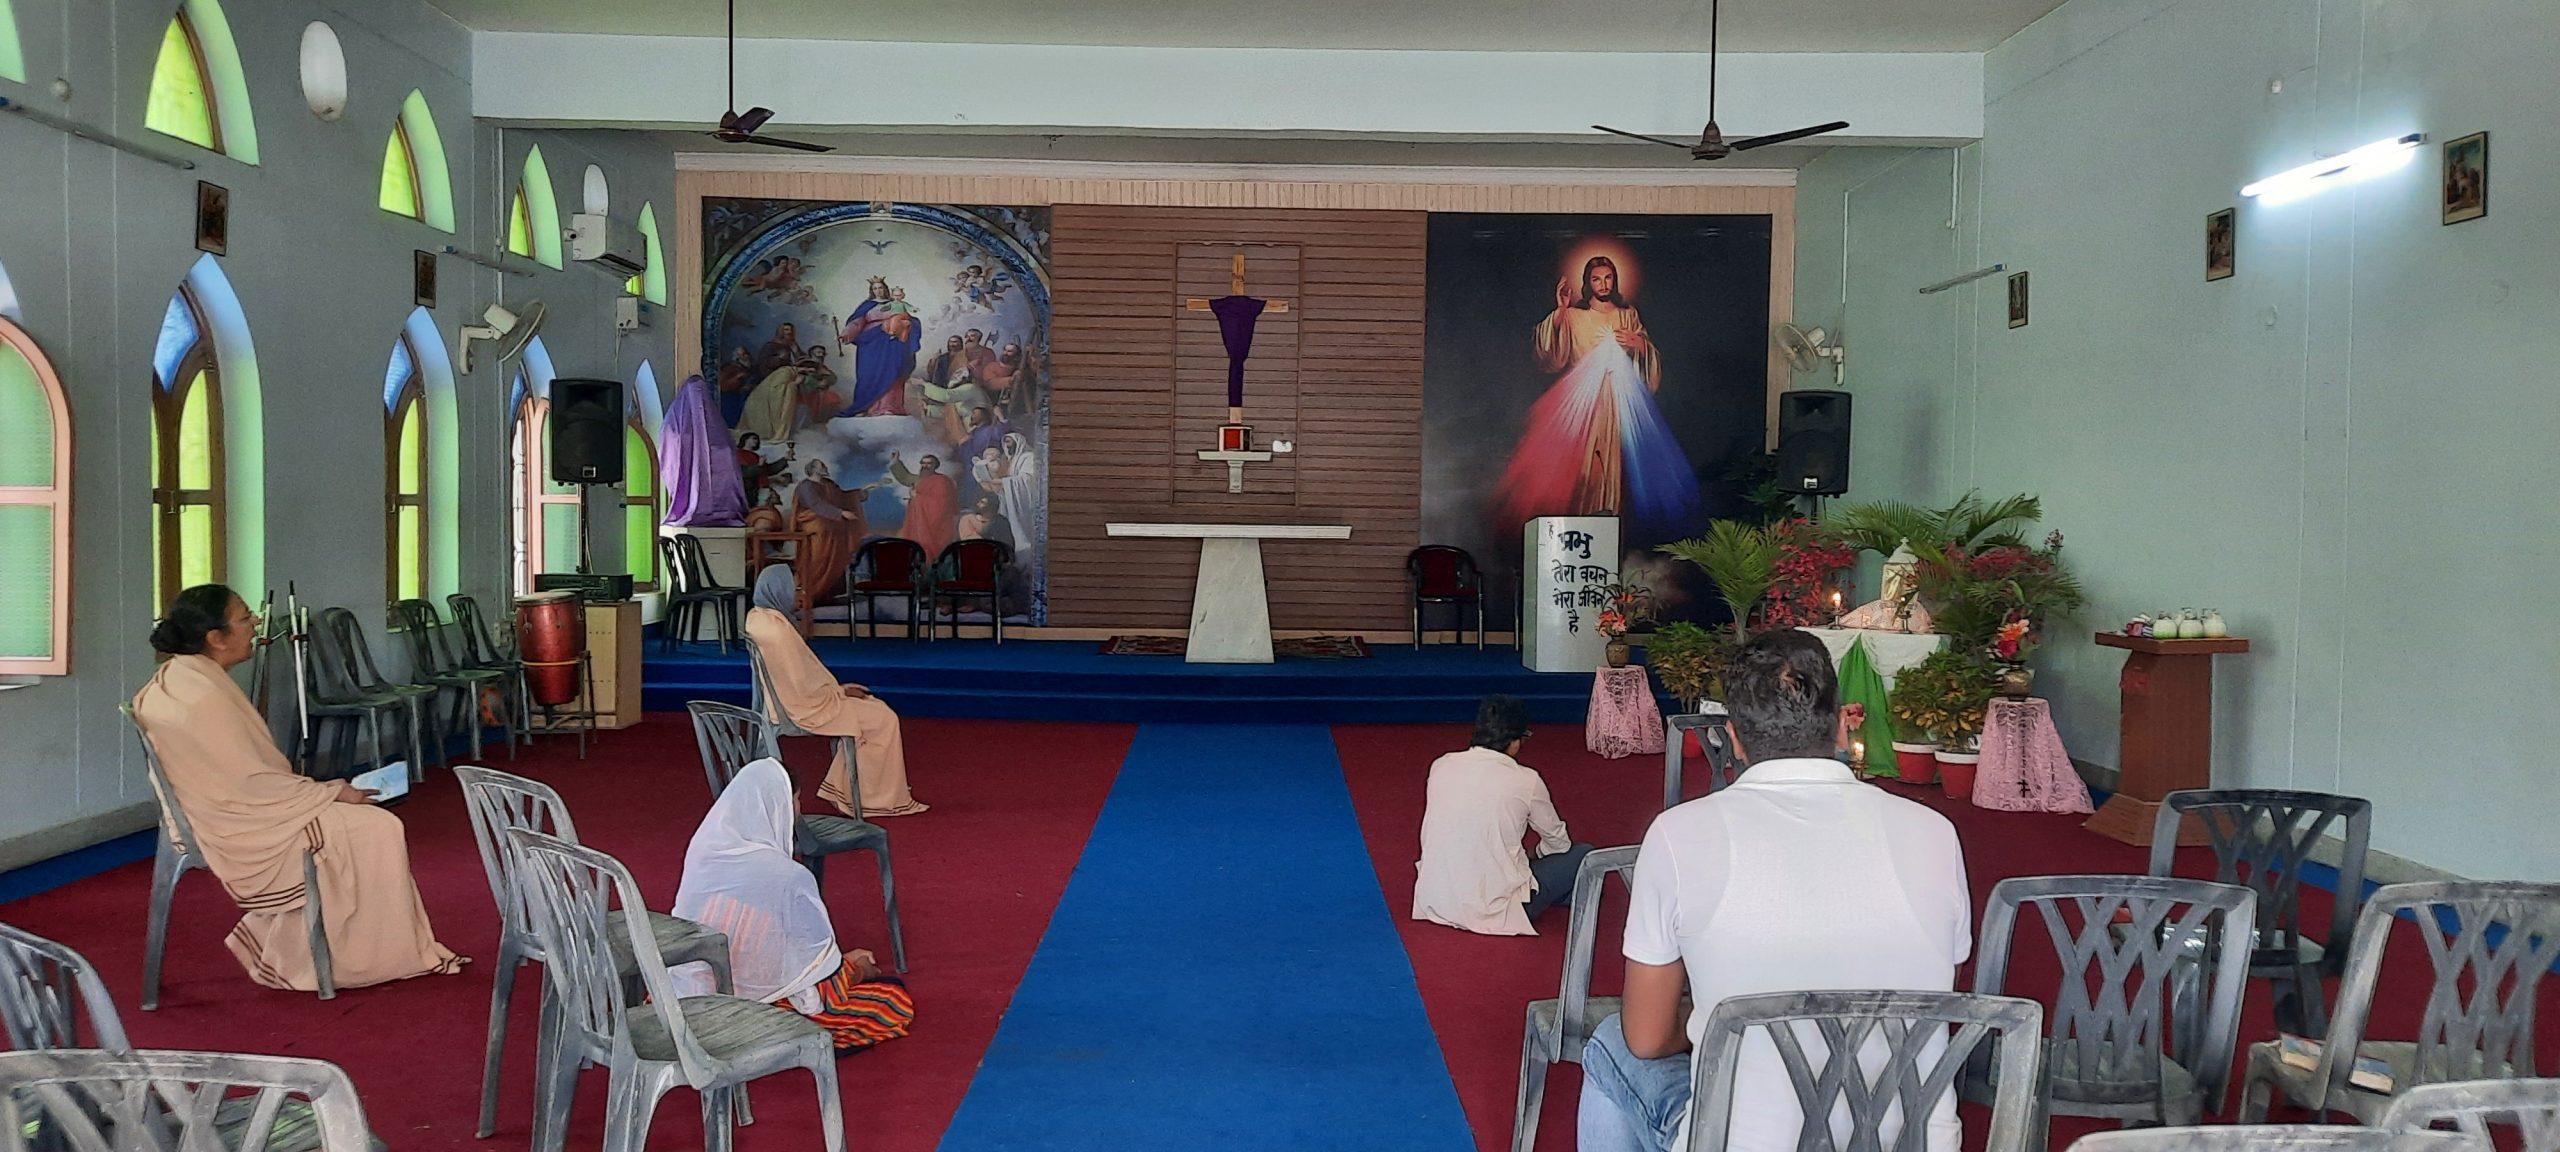 श्रद्धा से मनाया गया गुड फ्राइडे का पर्वशहर के विभिन्न गिरजाघरों में श्रद्धालुओं ने प्रभु यीशु मसीह का किया पूजन